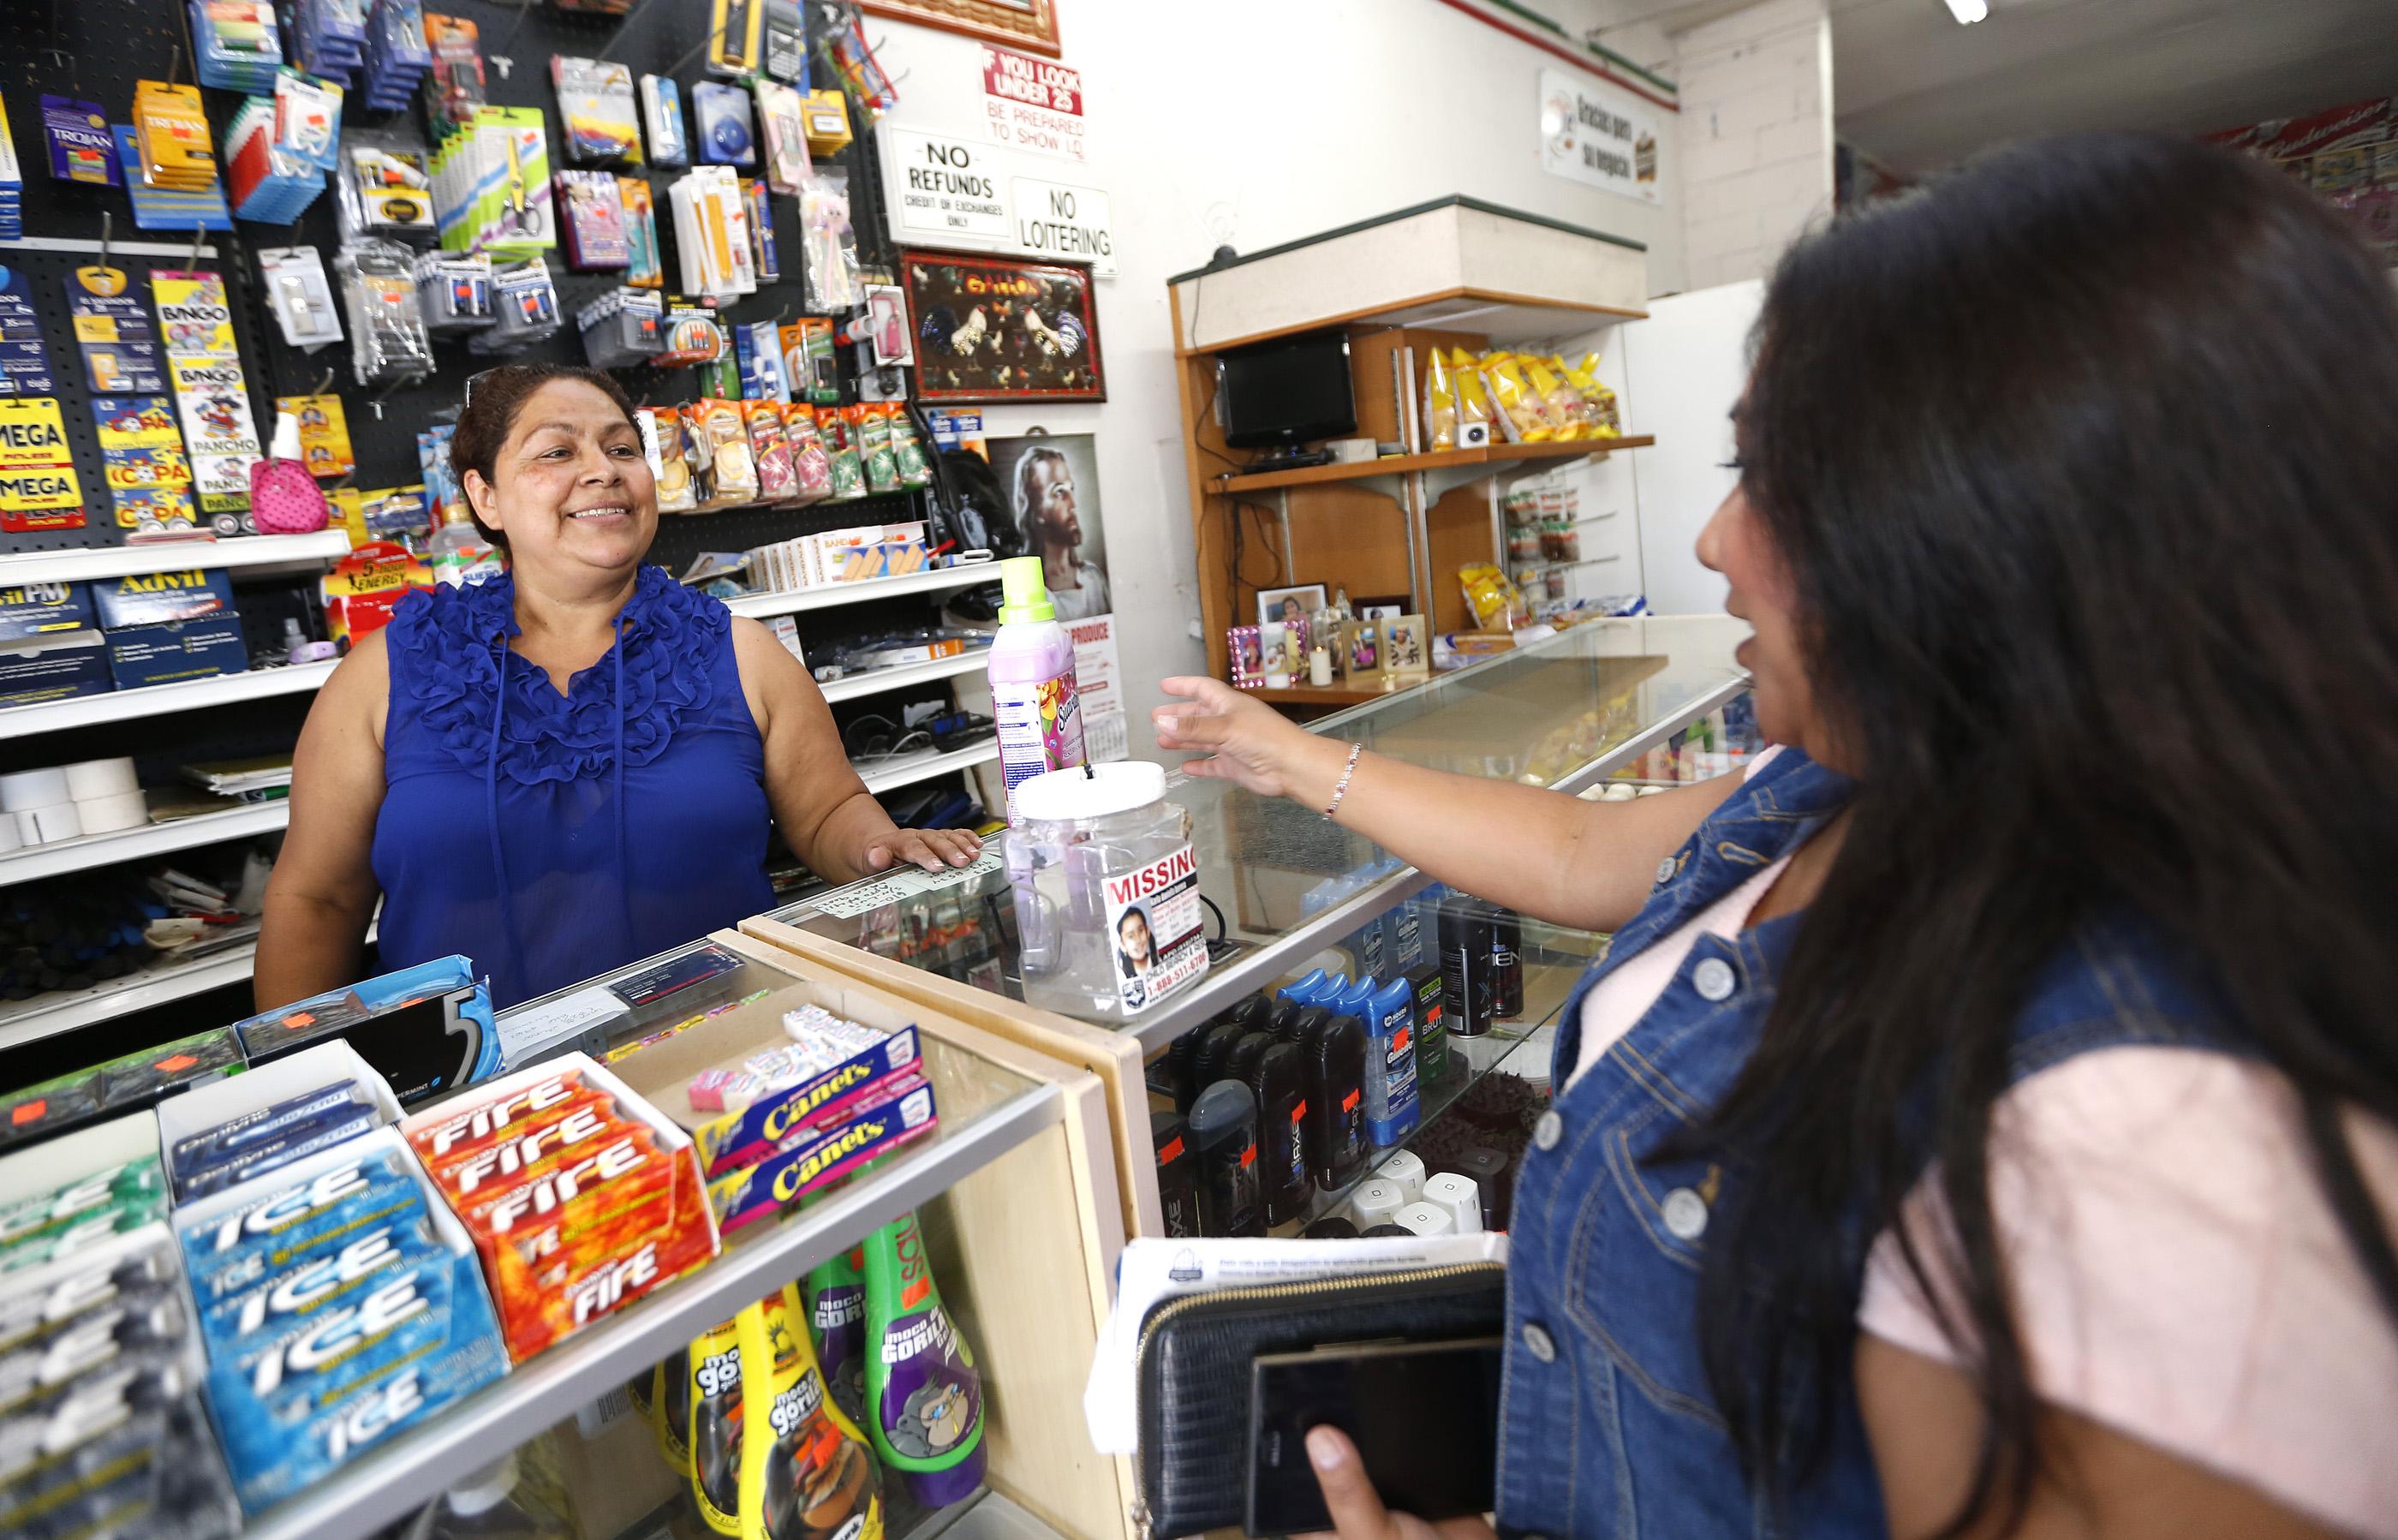 """Maria Ramirez , dueña de Ok Market, habla con Elvira Barrales. """"Agarramos la tiendita en un mal momento, pero es la inversión de mi hermano y aquí estamos, tenemos que seguir"""", asegura. (Aurelia Ventura/ La Opinion)"""